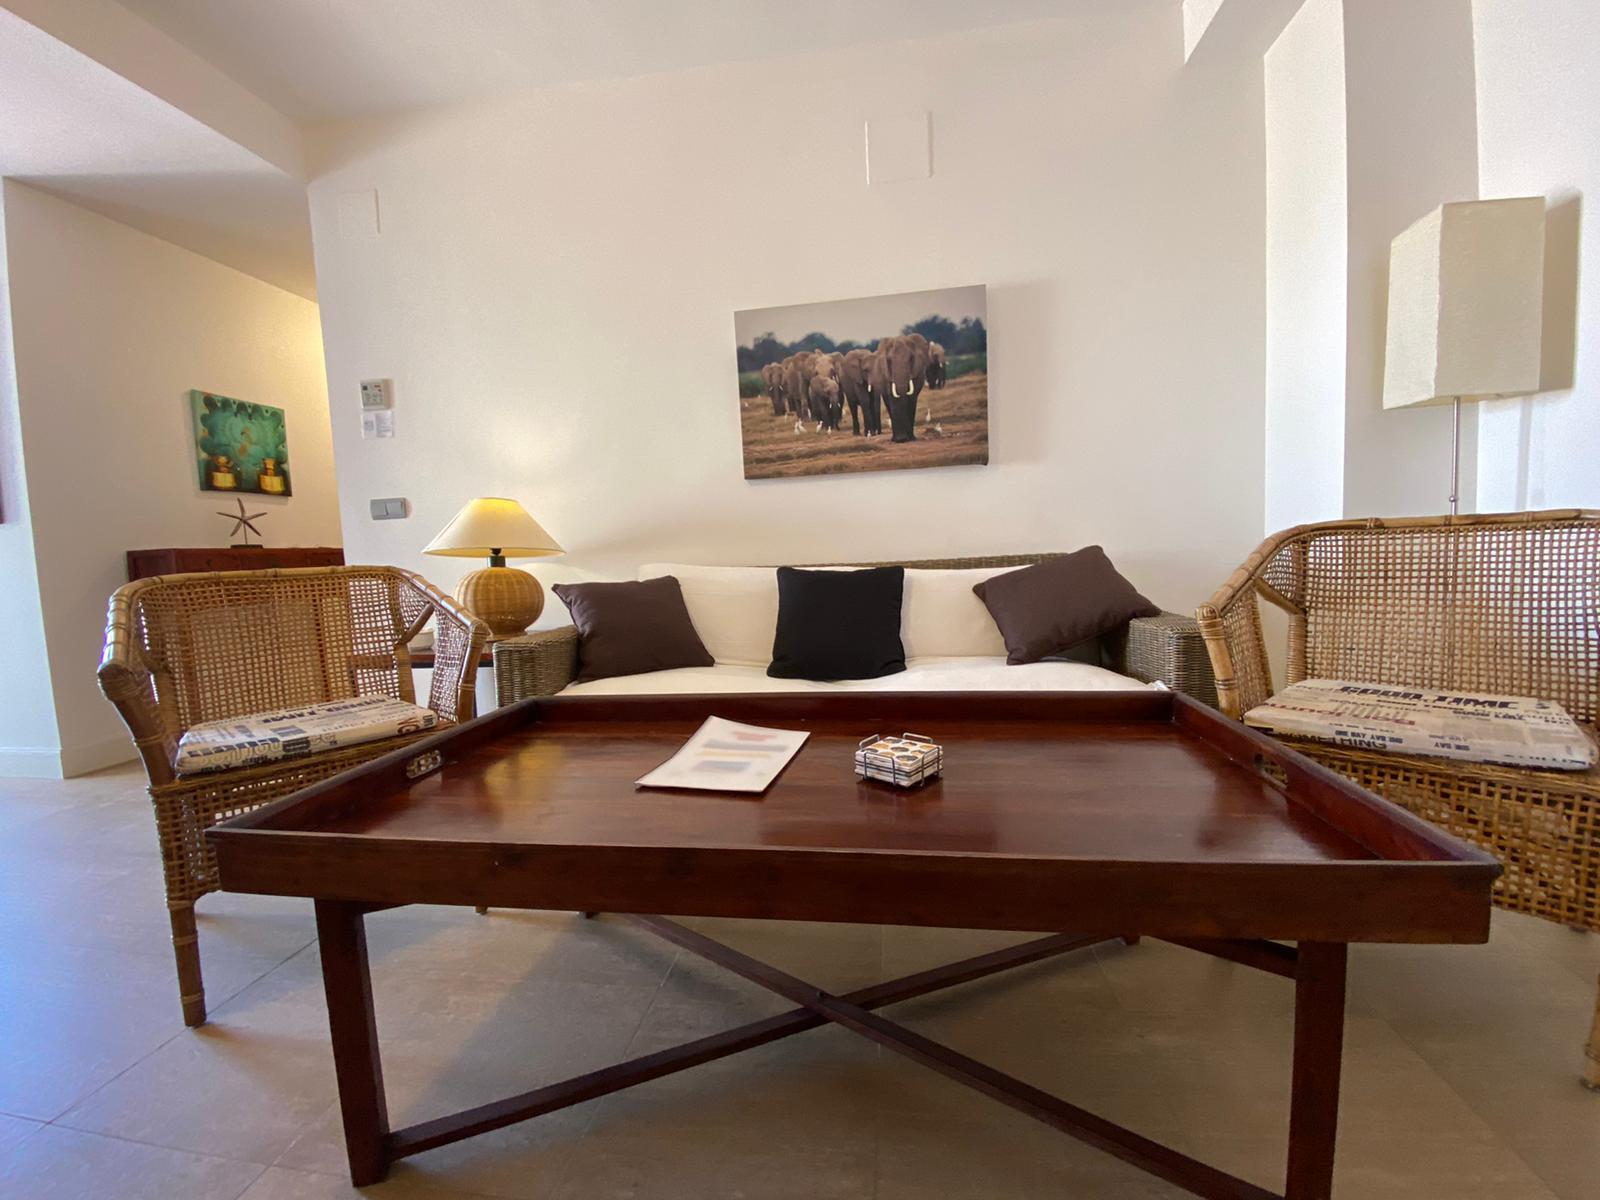 Imagen 7 del Apartamento Turístico, Ático 8 Poniente (3d+2b), Punta del Moral (HUELVA), Paseo de la Cruz nº22